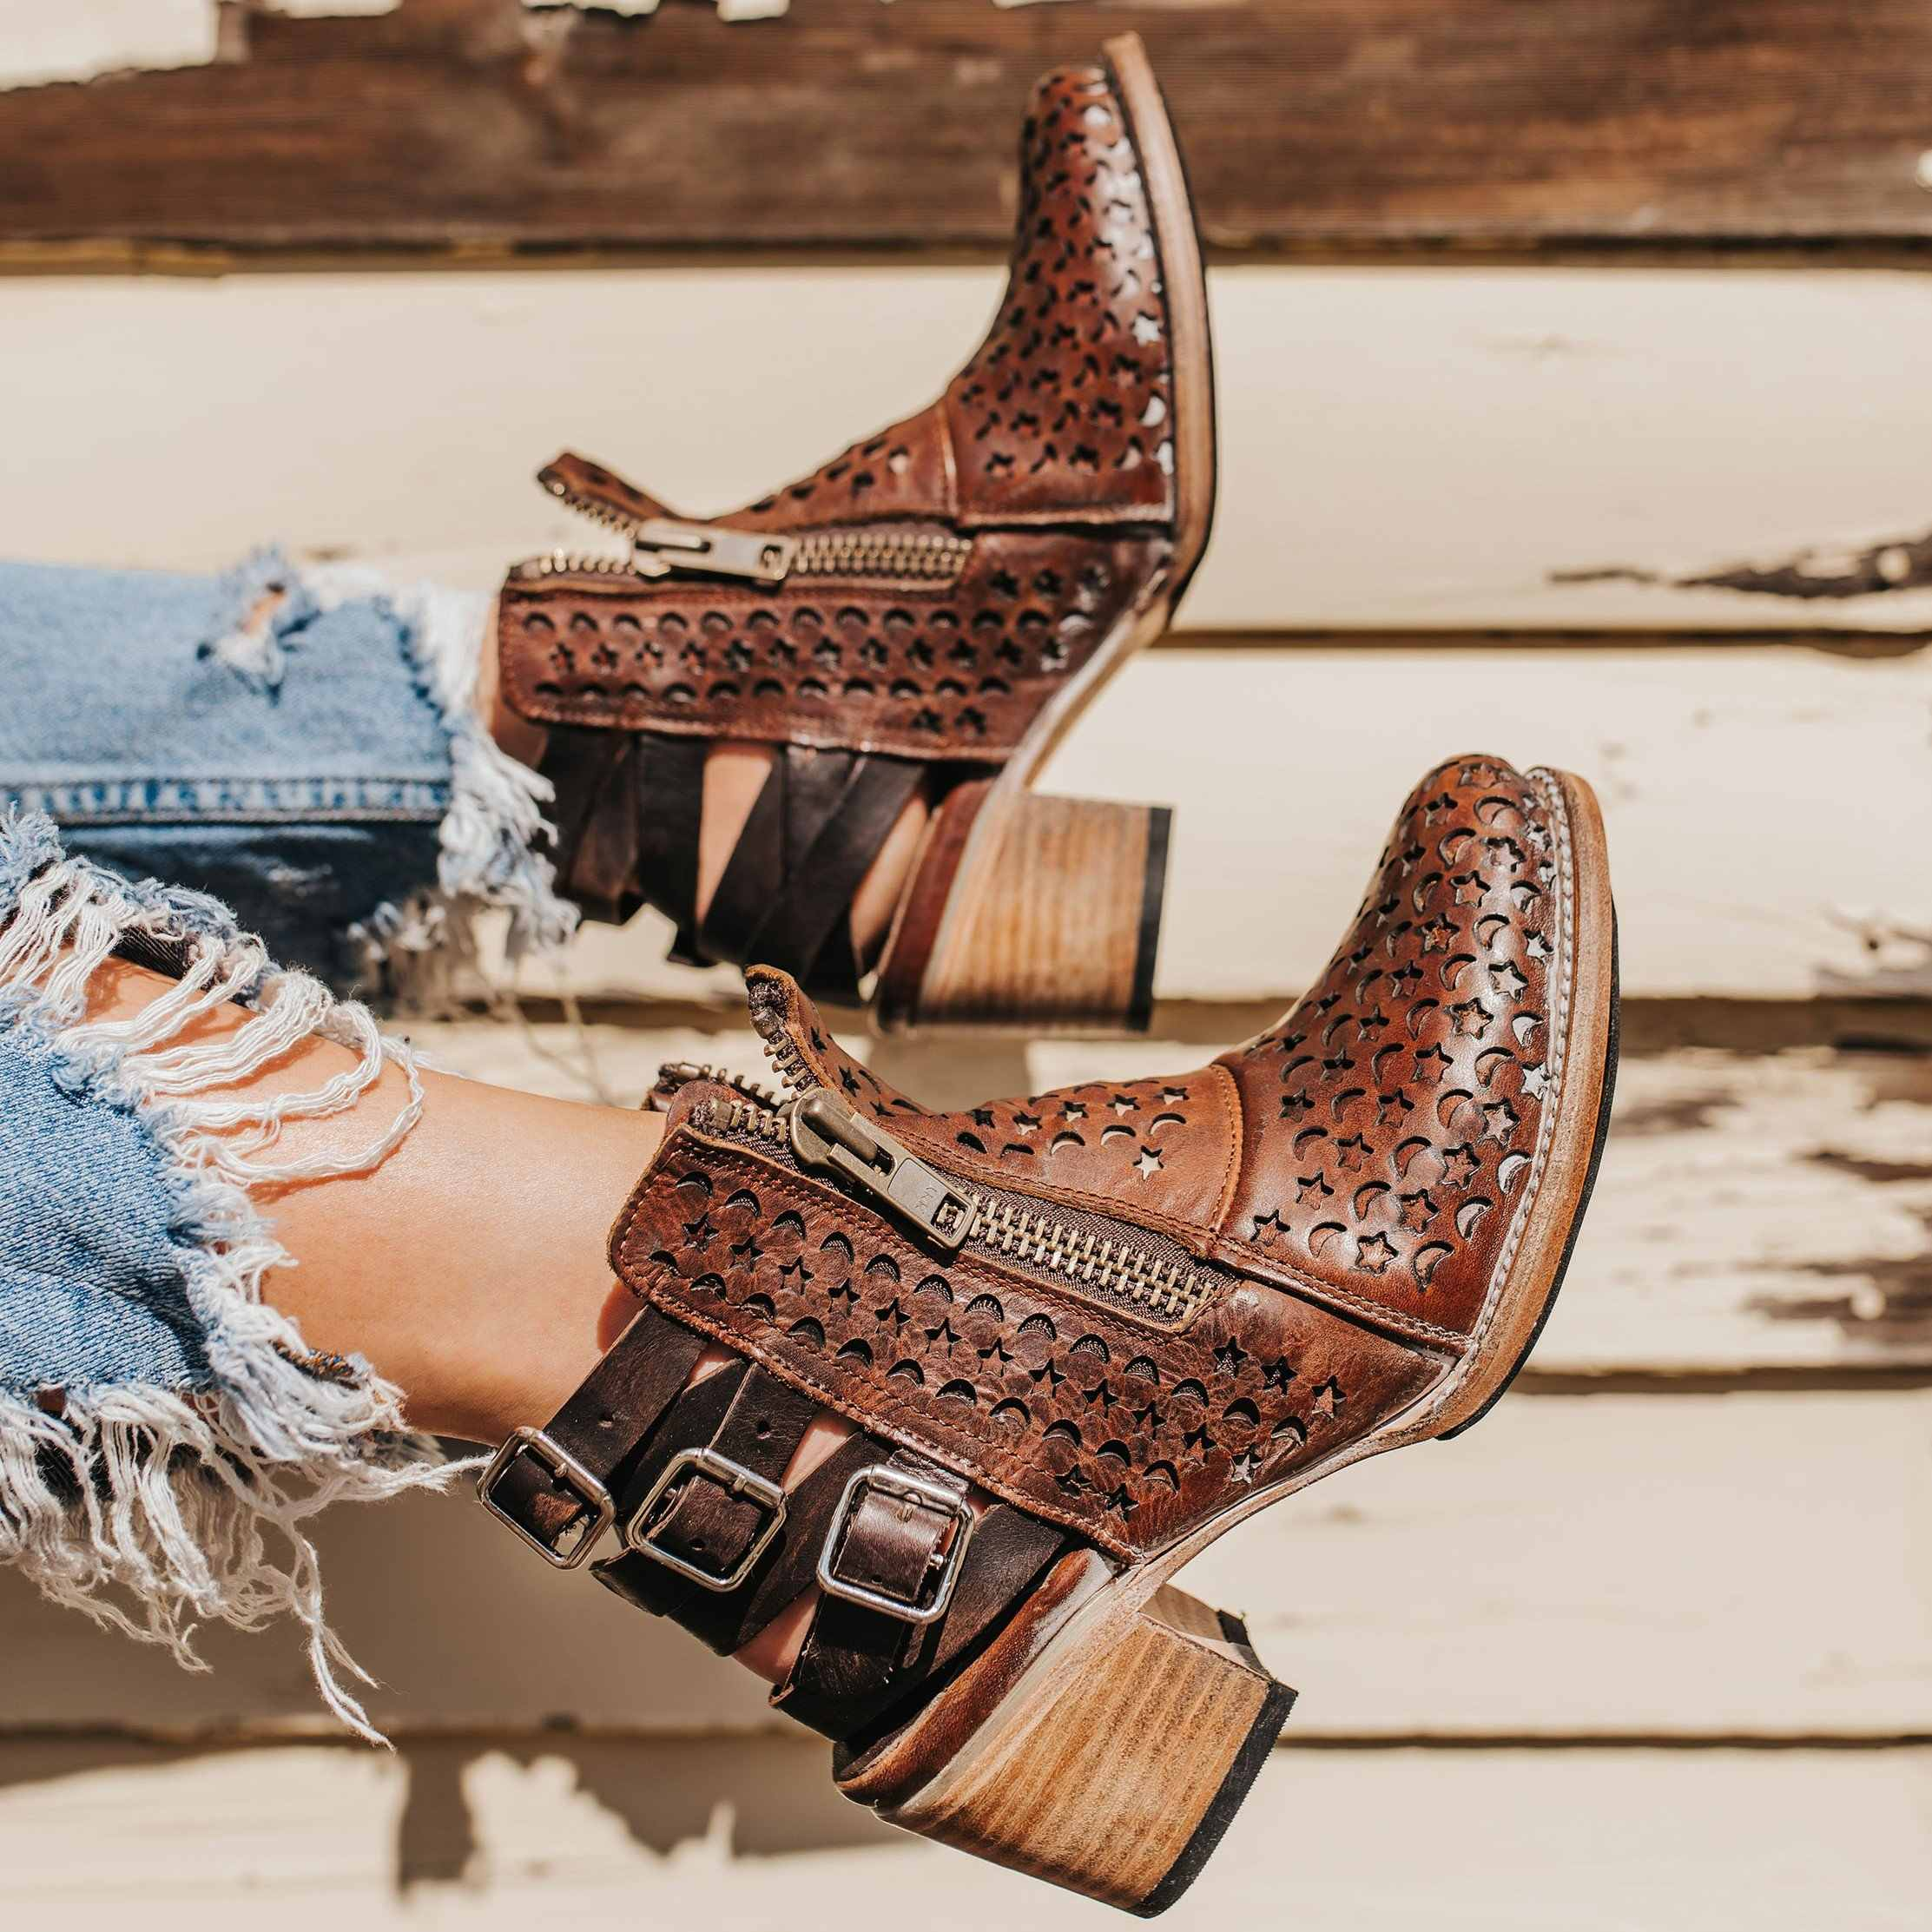 Oeak/ботинки с пряжкой; женские ботинки на молнии с острым носком; Ретро Модный тренд; комплект повседневной обуви без шнуровки; Мода 2019 года